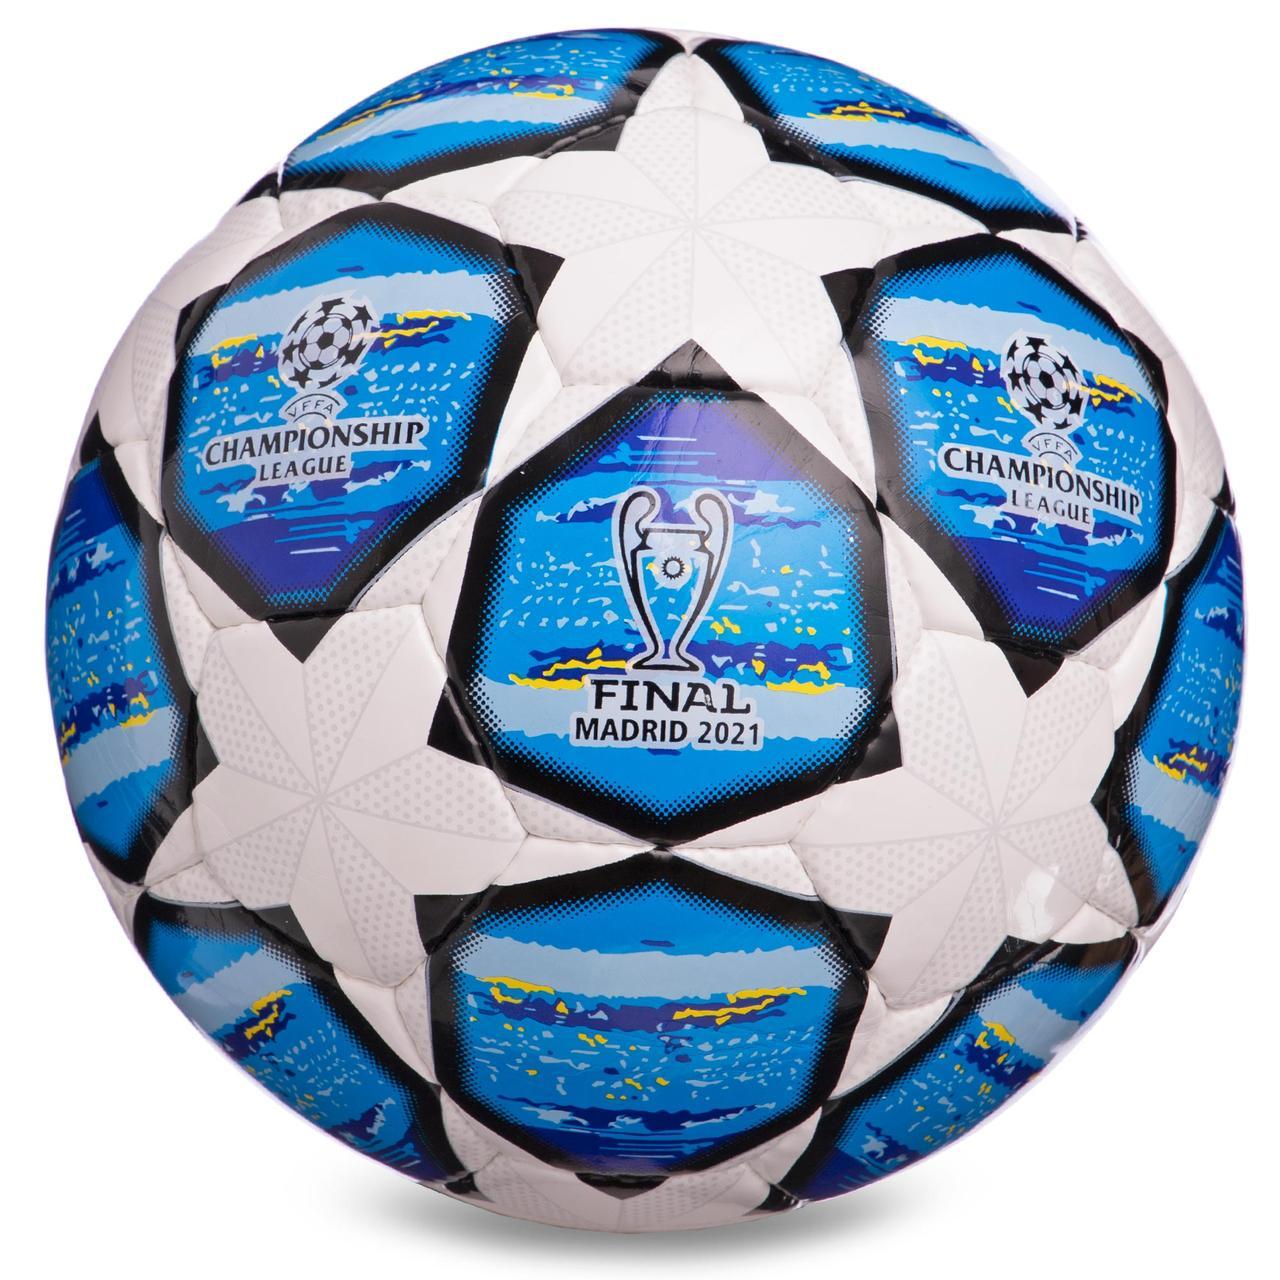 Футбольный мяч №5 PU CHAMPIONS LEAGUE бело-синий FB-0149-3